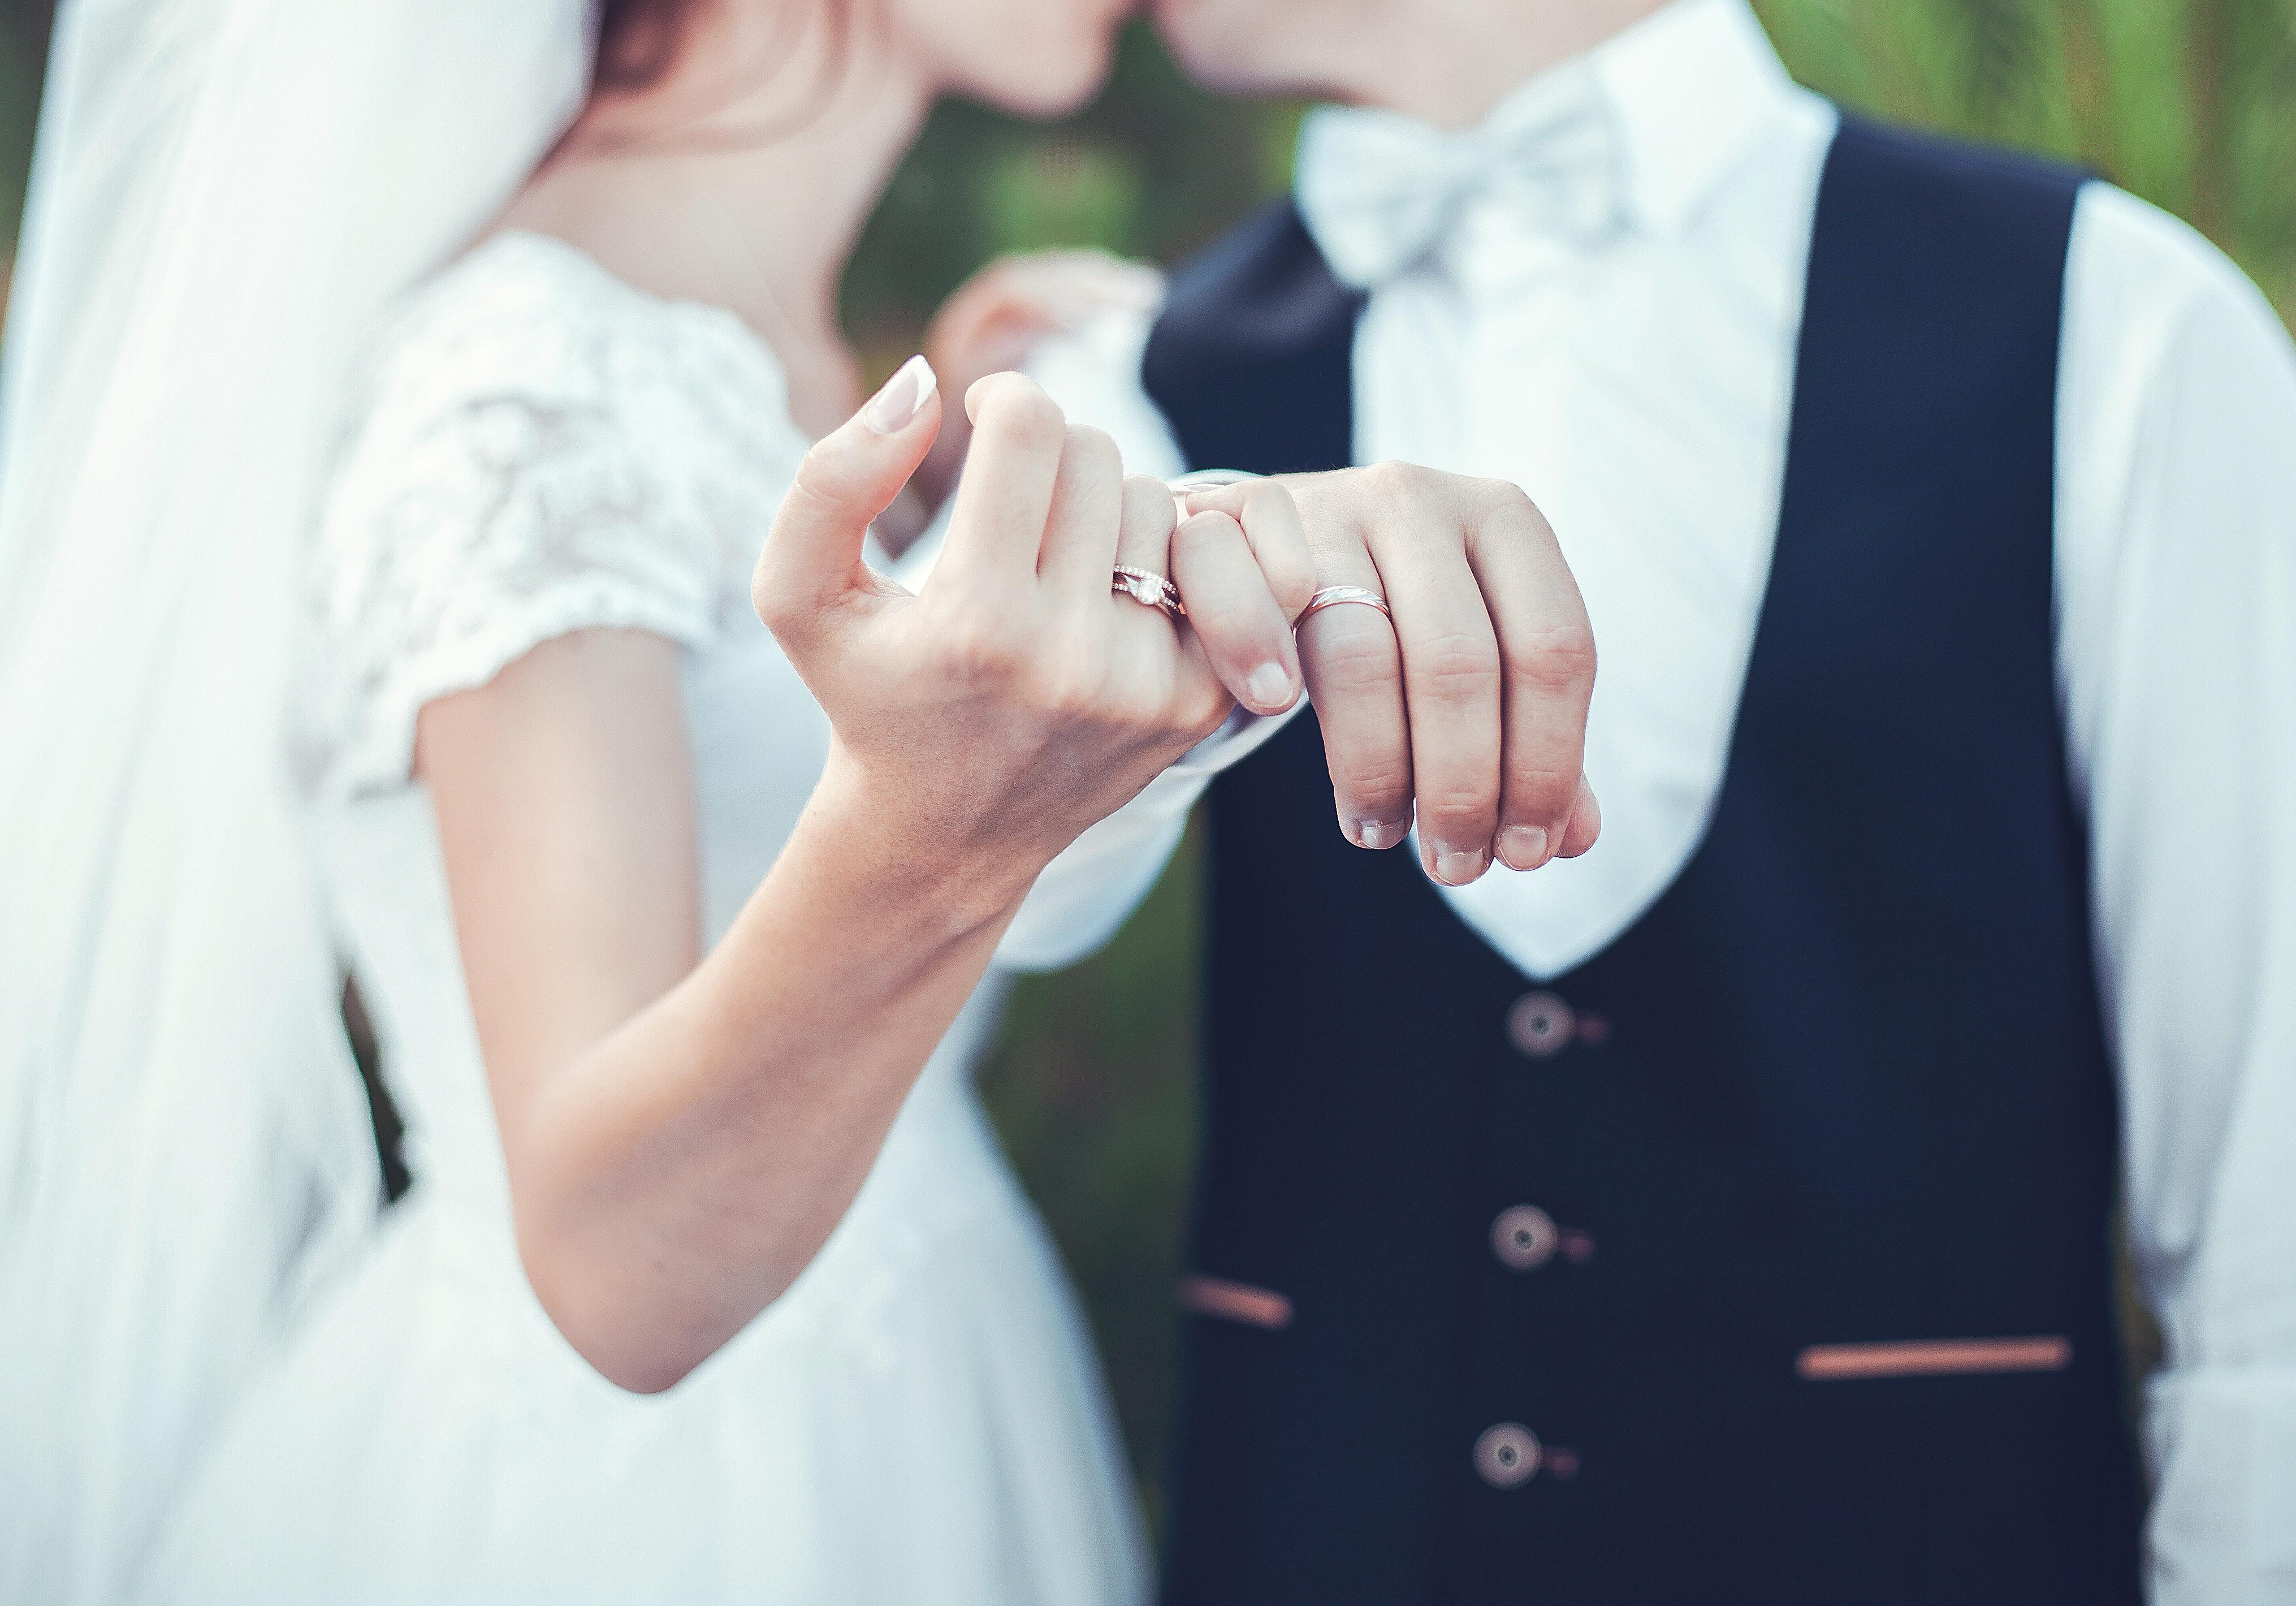 newlyweds intertwining pinkies